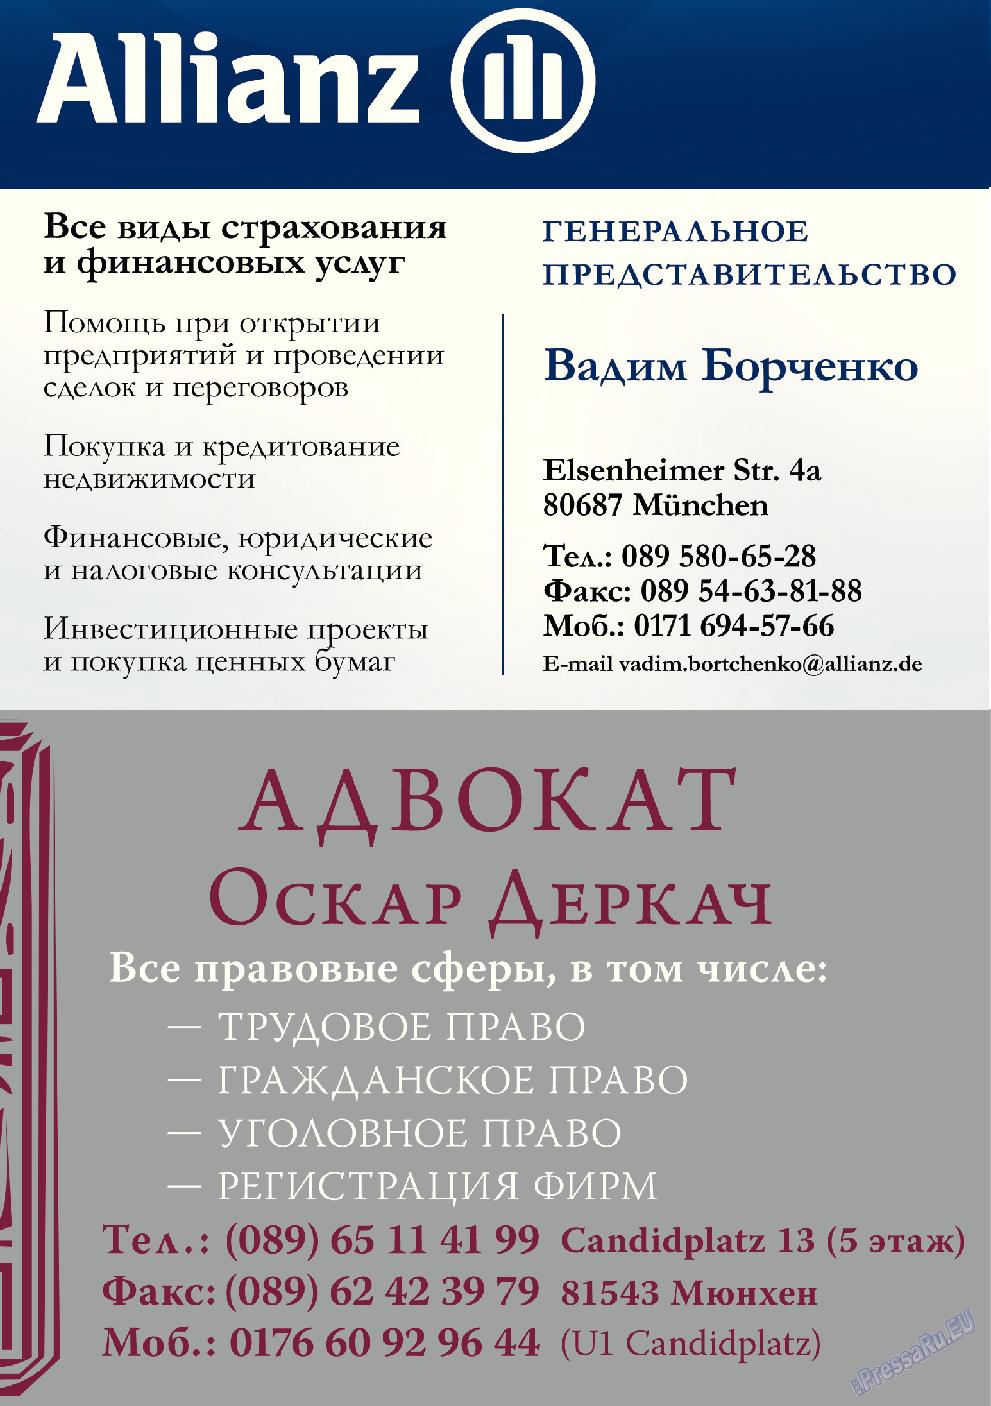 Апельсин (журнал). 2013 год, номер 49, стр. 50